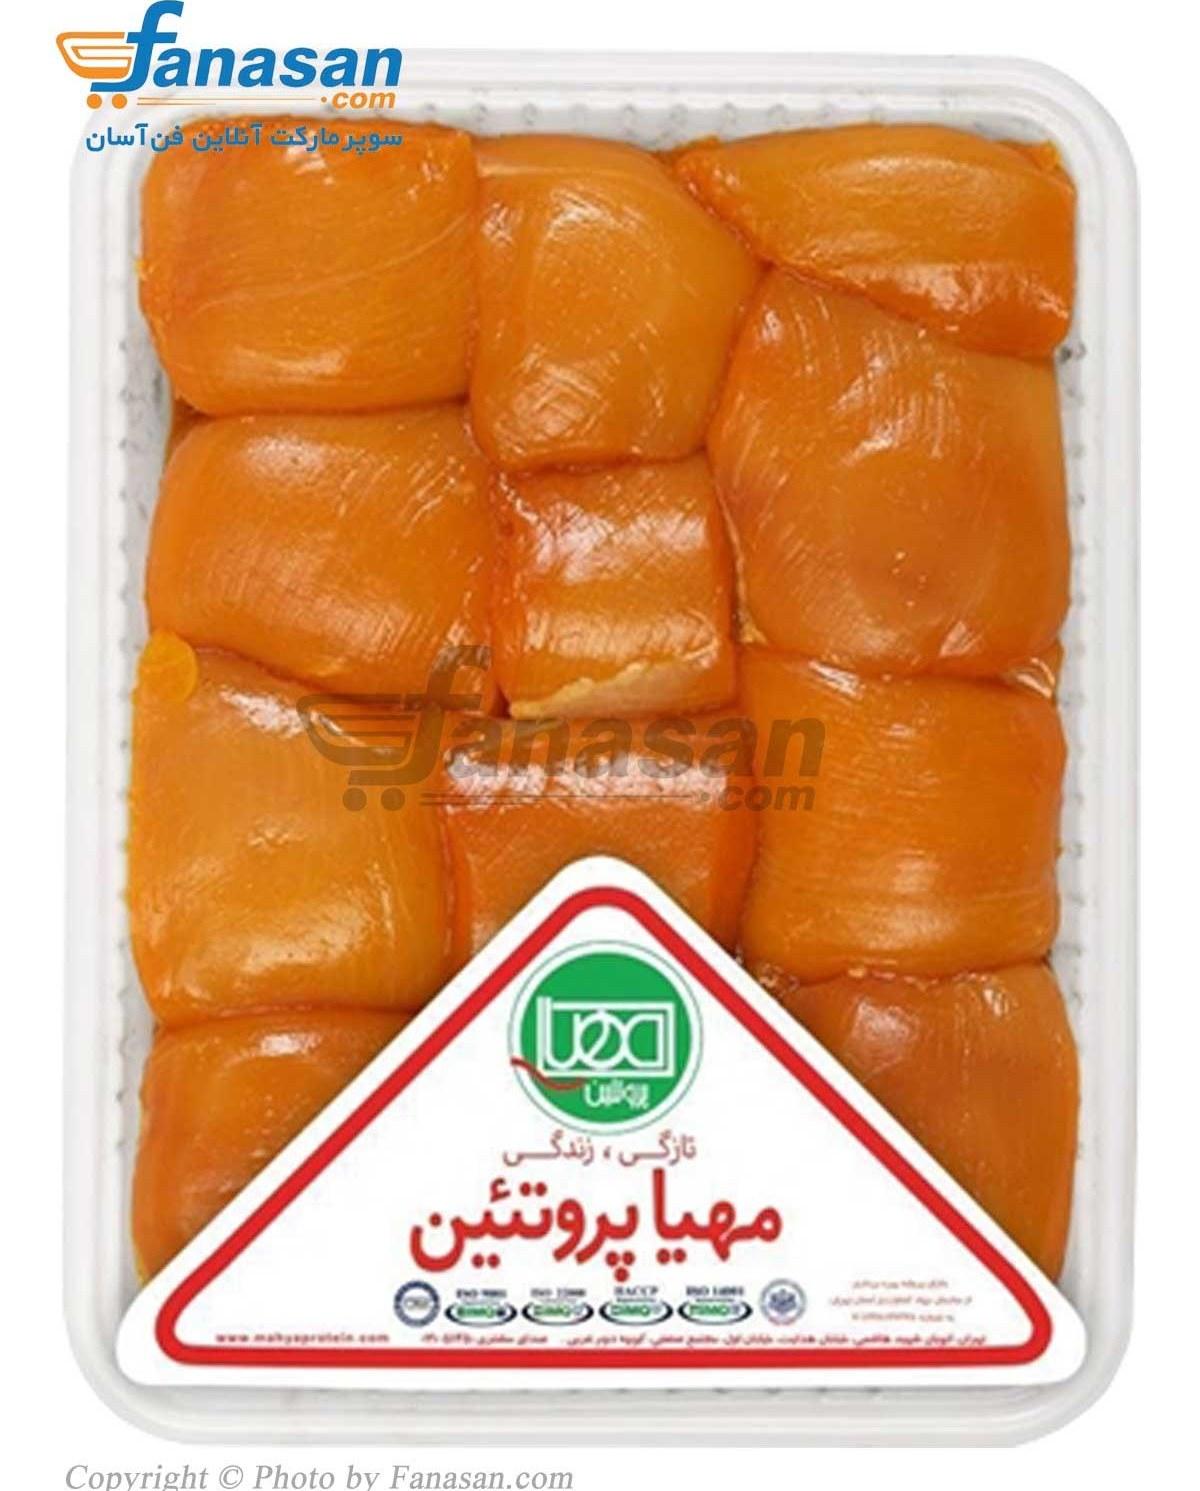 جوجه کباب زعفرانی بدون استخوان مهیا پروتئین 900 گرم   Mahyaprotein chicken barbecue Saffron 900 gr